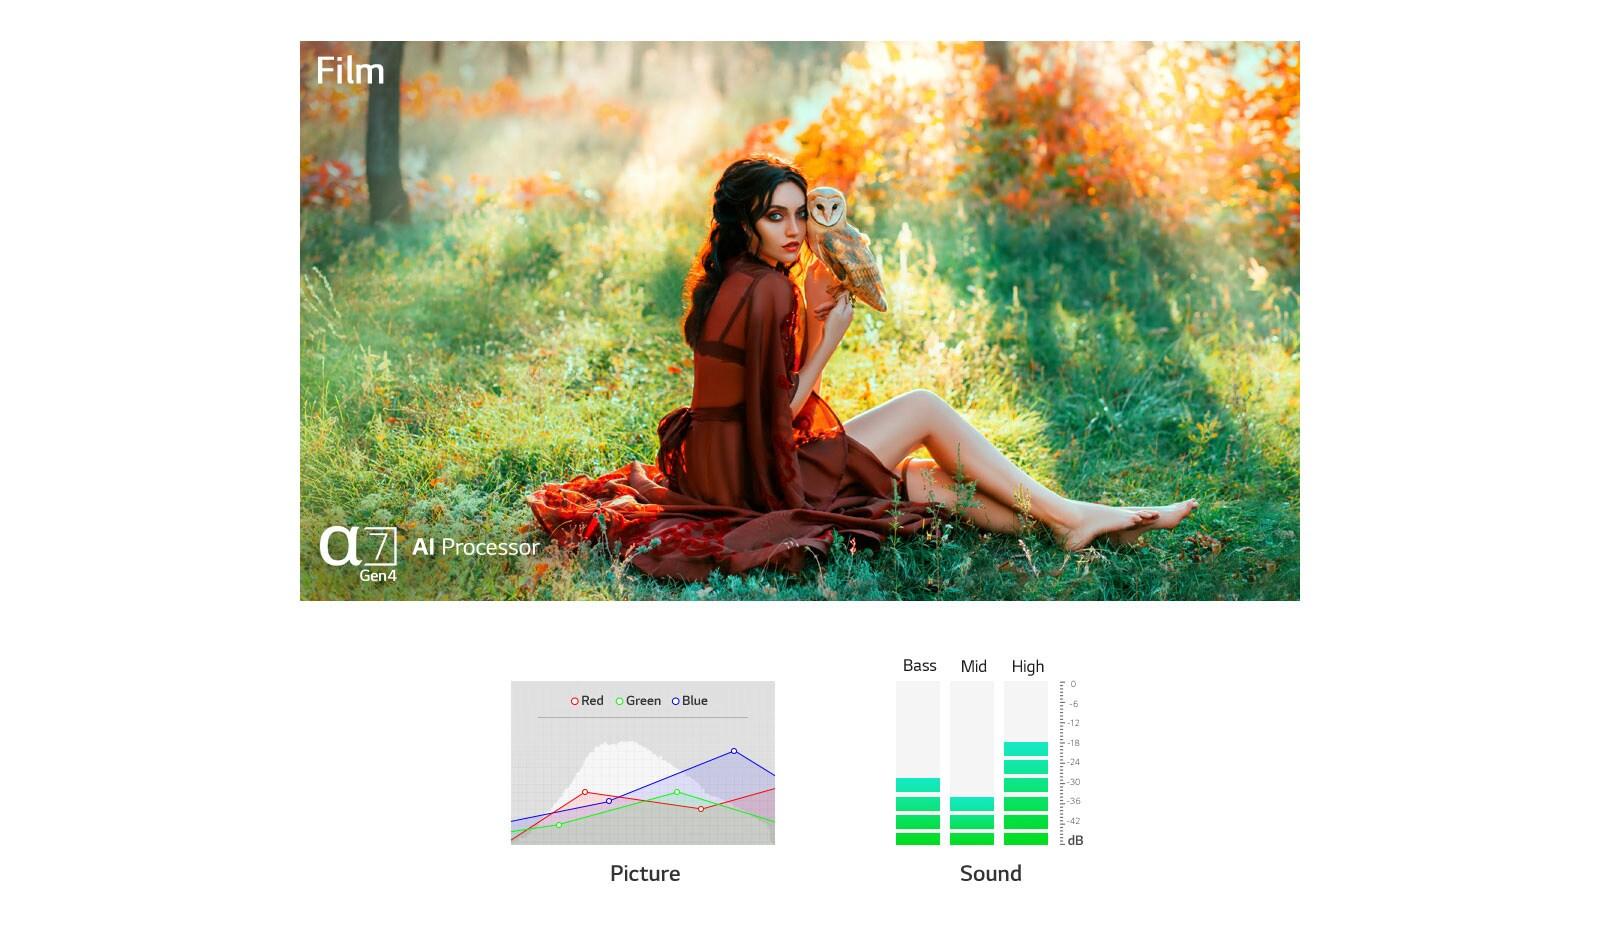 Dva prizora sta samodejno optimizirana za slike in zvok s procesorjem A7 Gen4 AI (predvajanje videa)